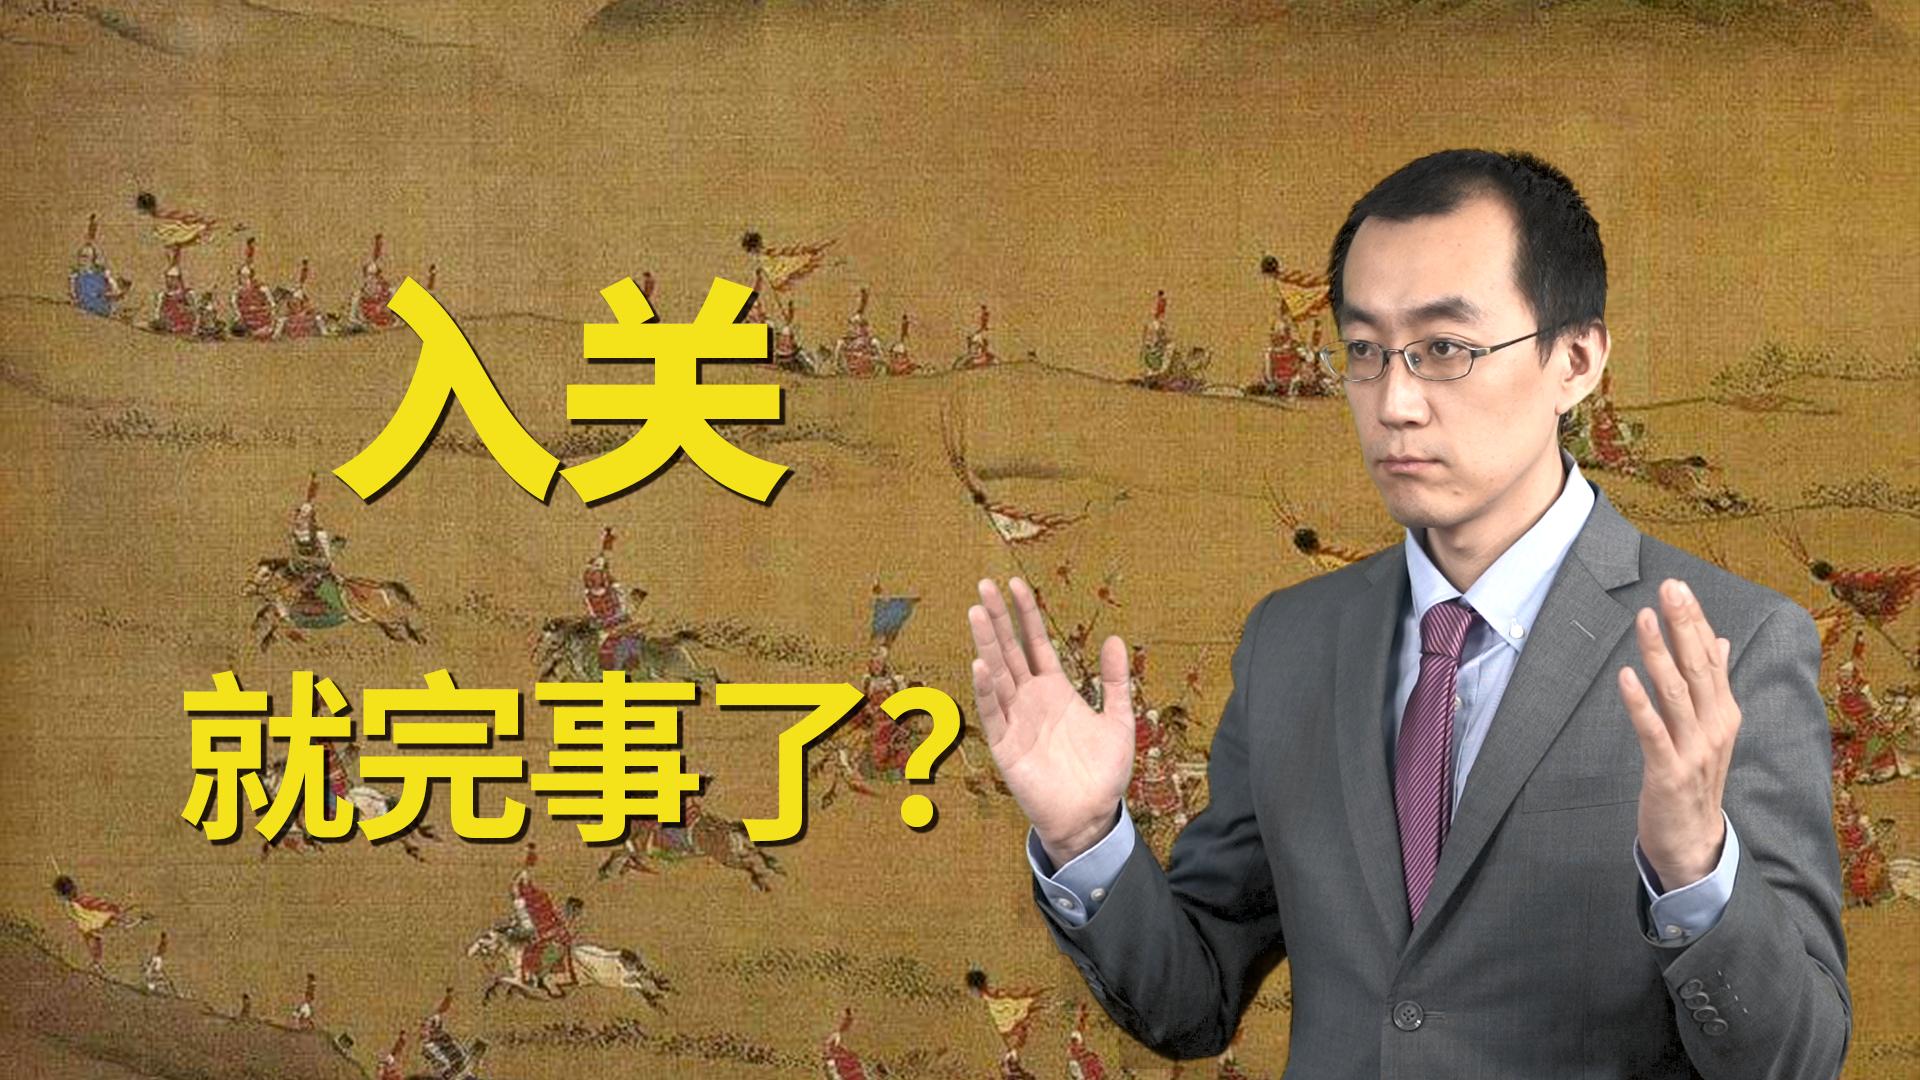 """【懂点儿啥51】中国""""入关""""取代美国?全面解析火了的""""入关学"""""""